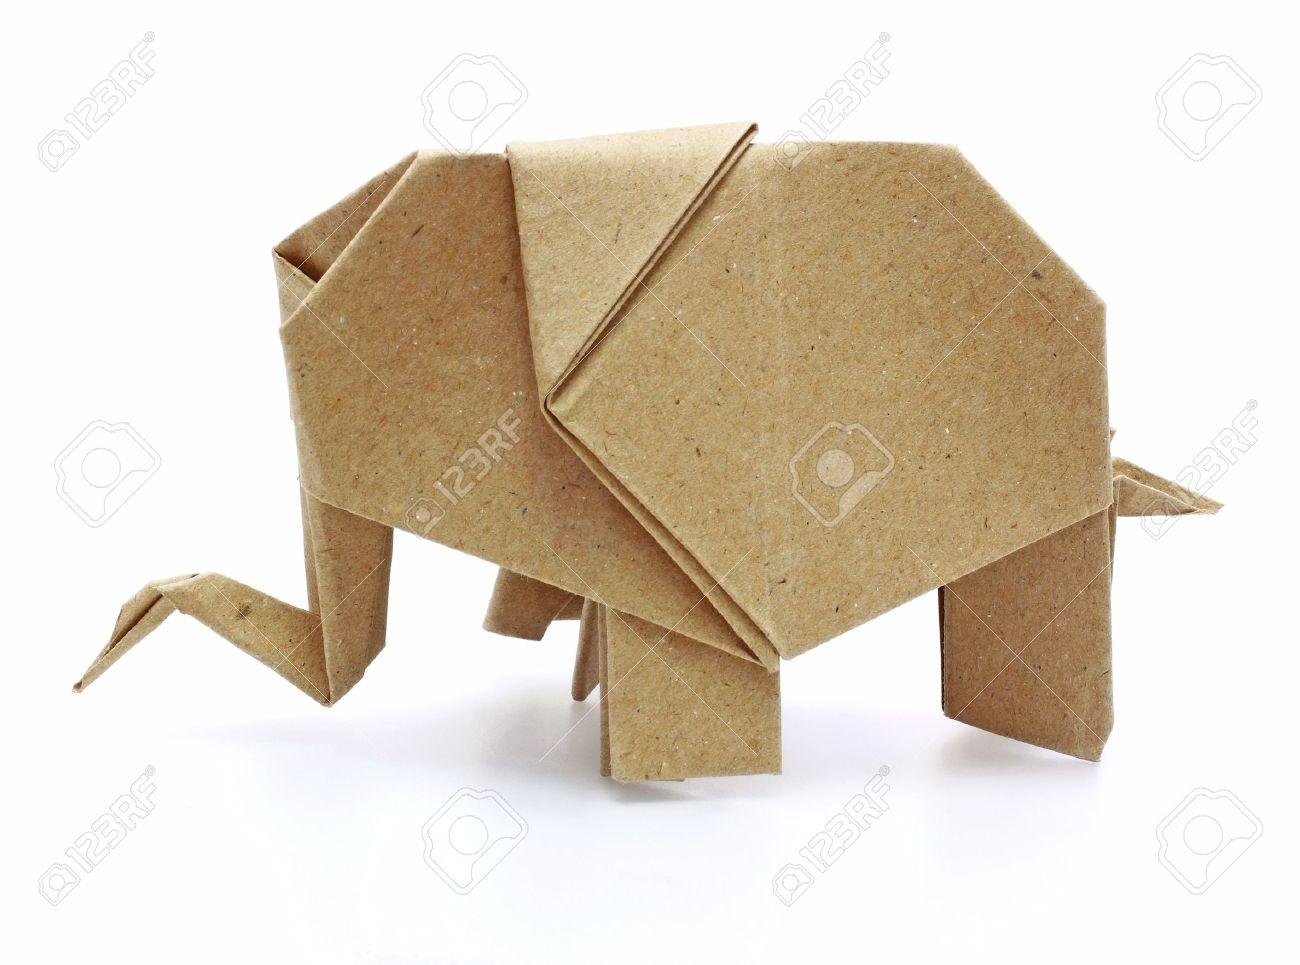 Origami elephant recycle paper stock photo picture and royalty origami elephant recycle paper stock photo 10758841 jeuxipadfo Choice Image